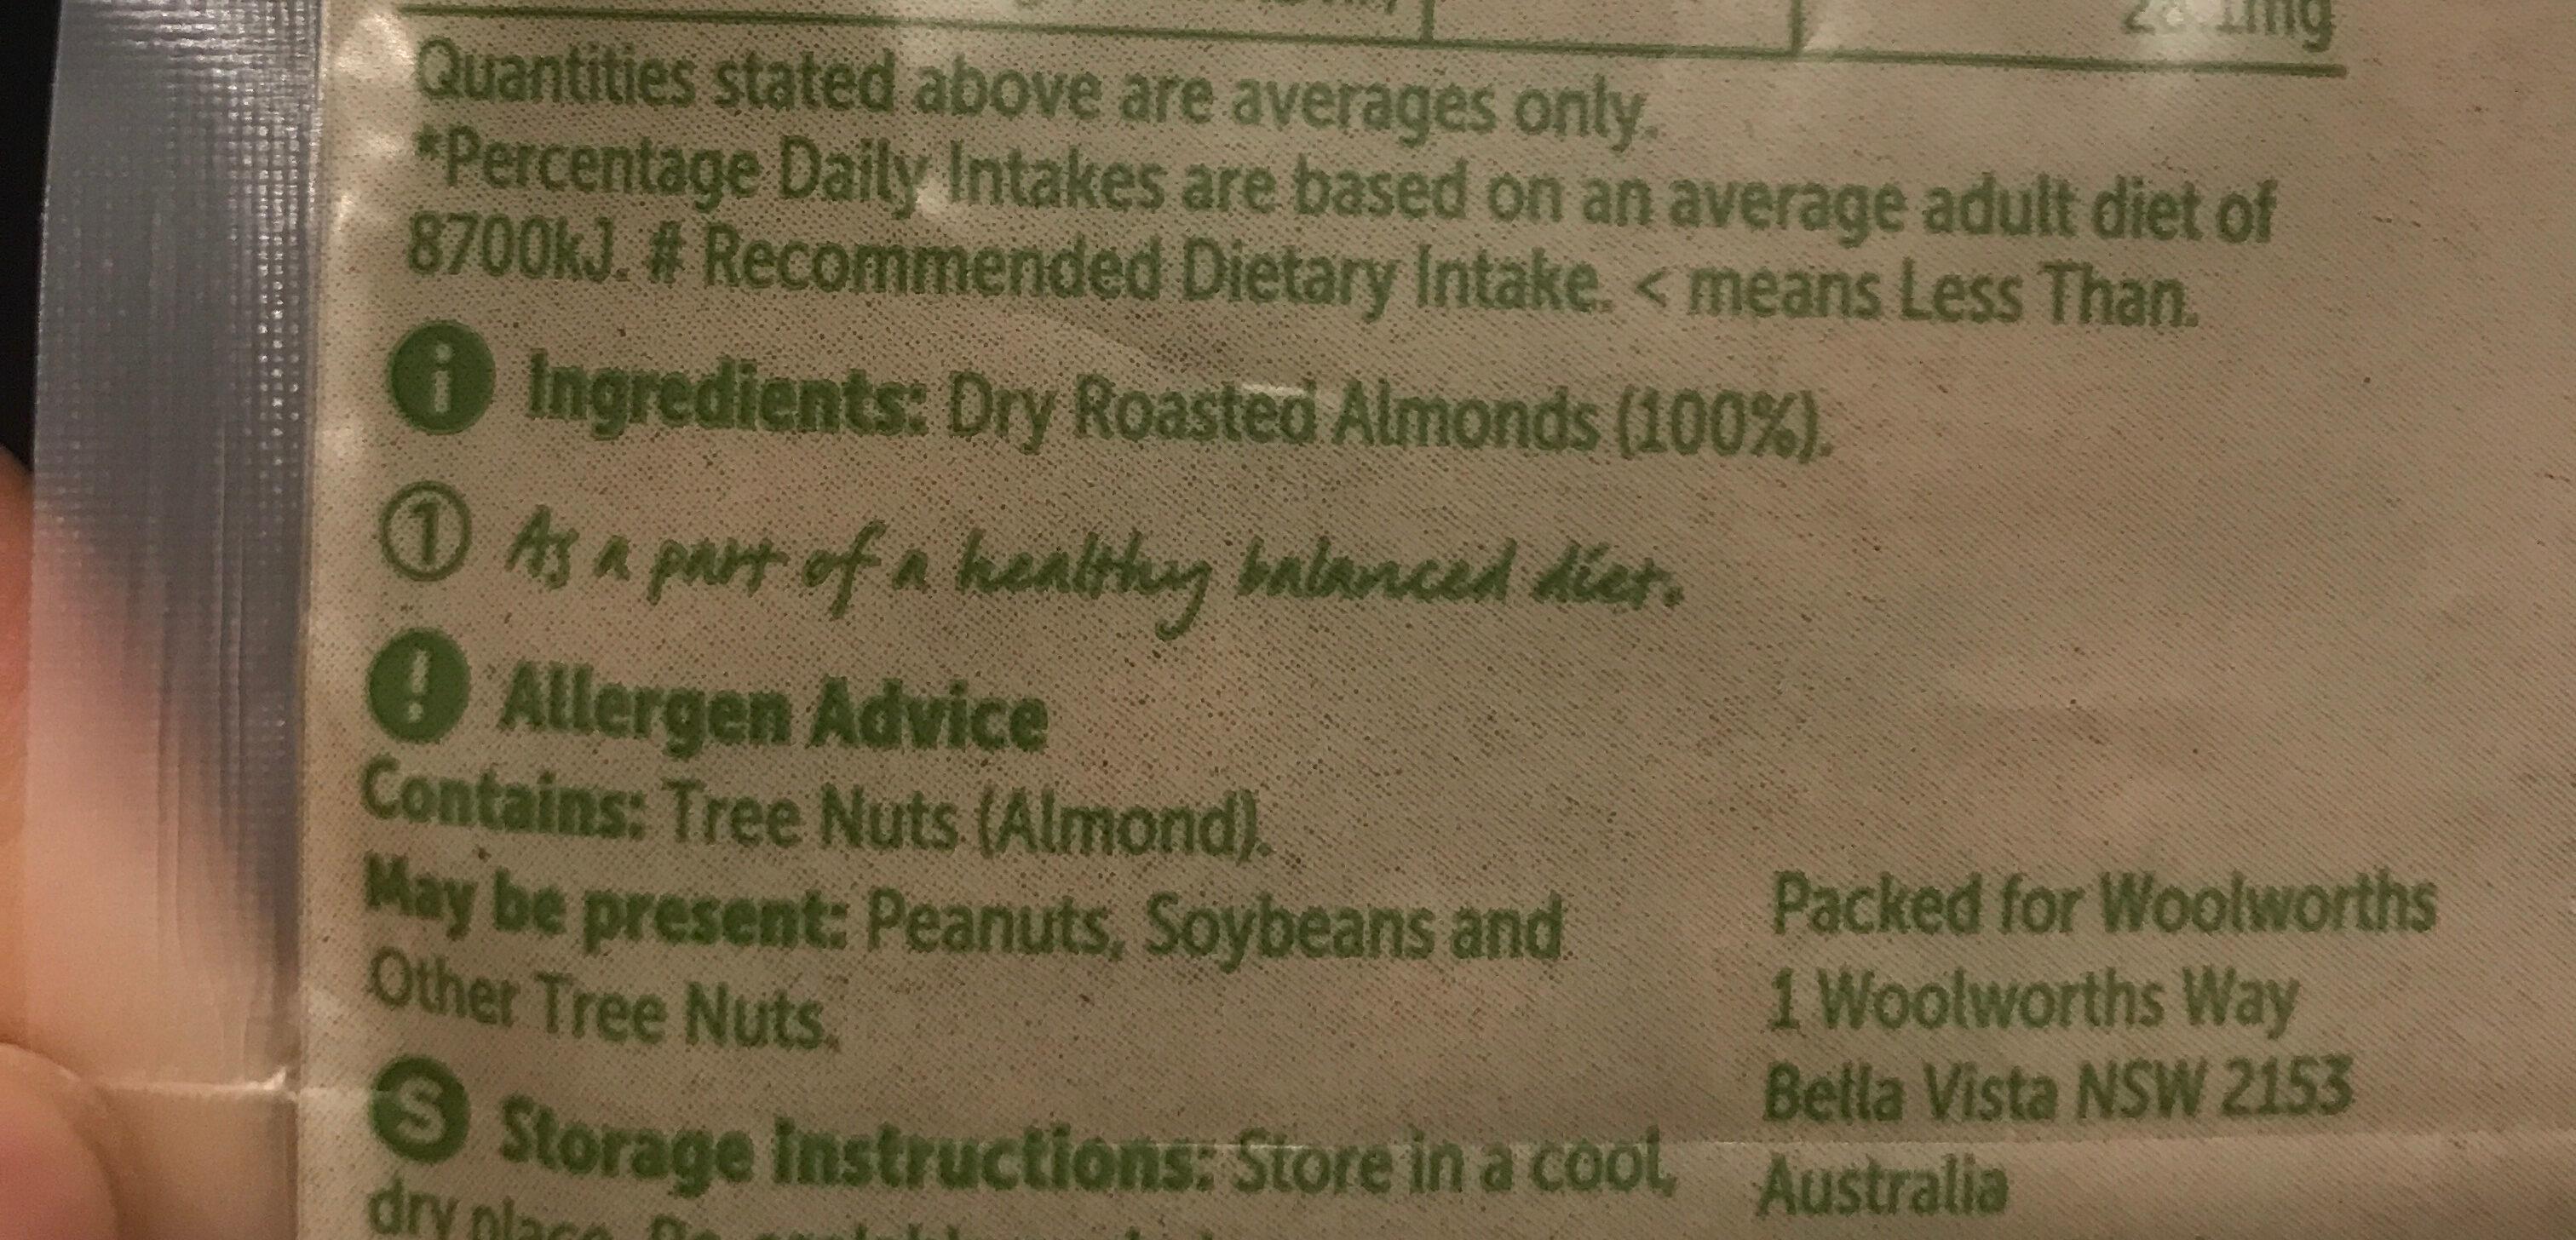 Dry roasted almonds - Ingredients - en